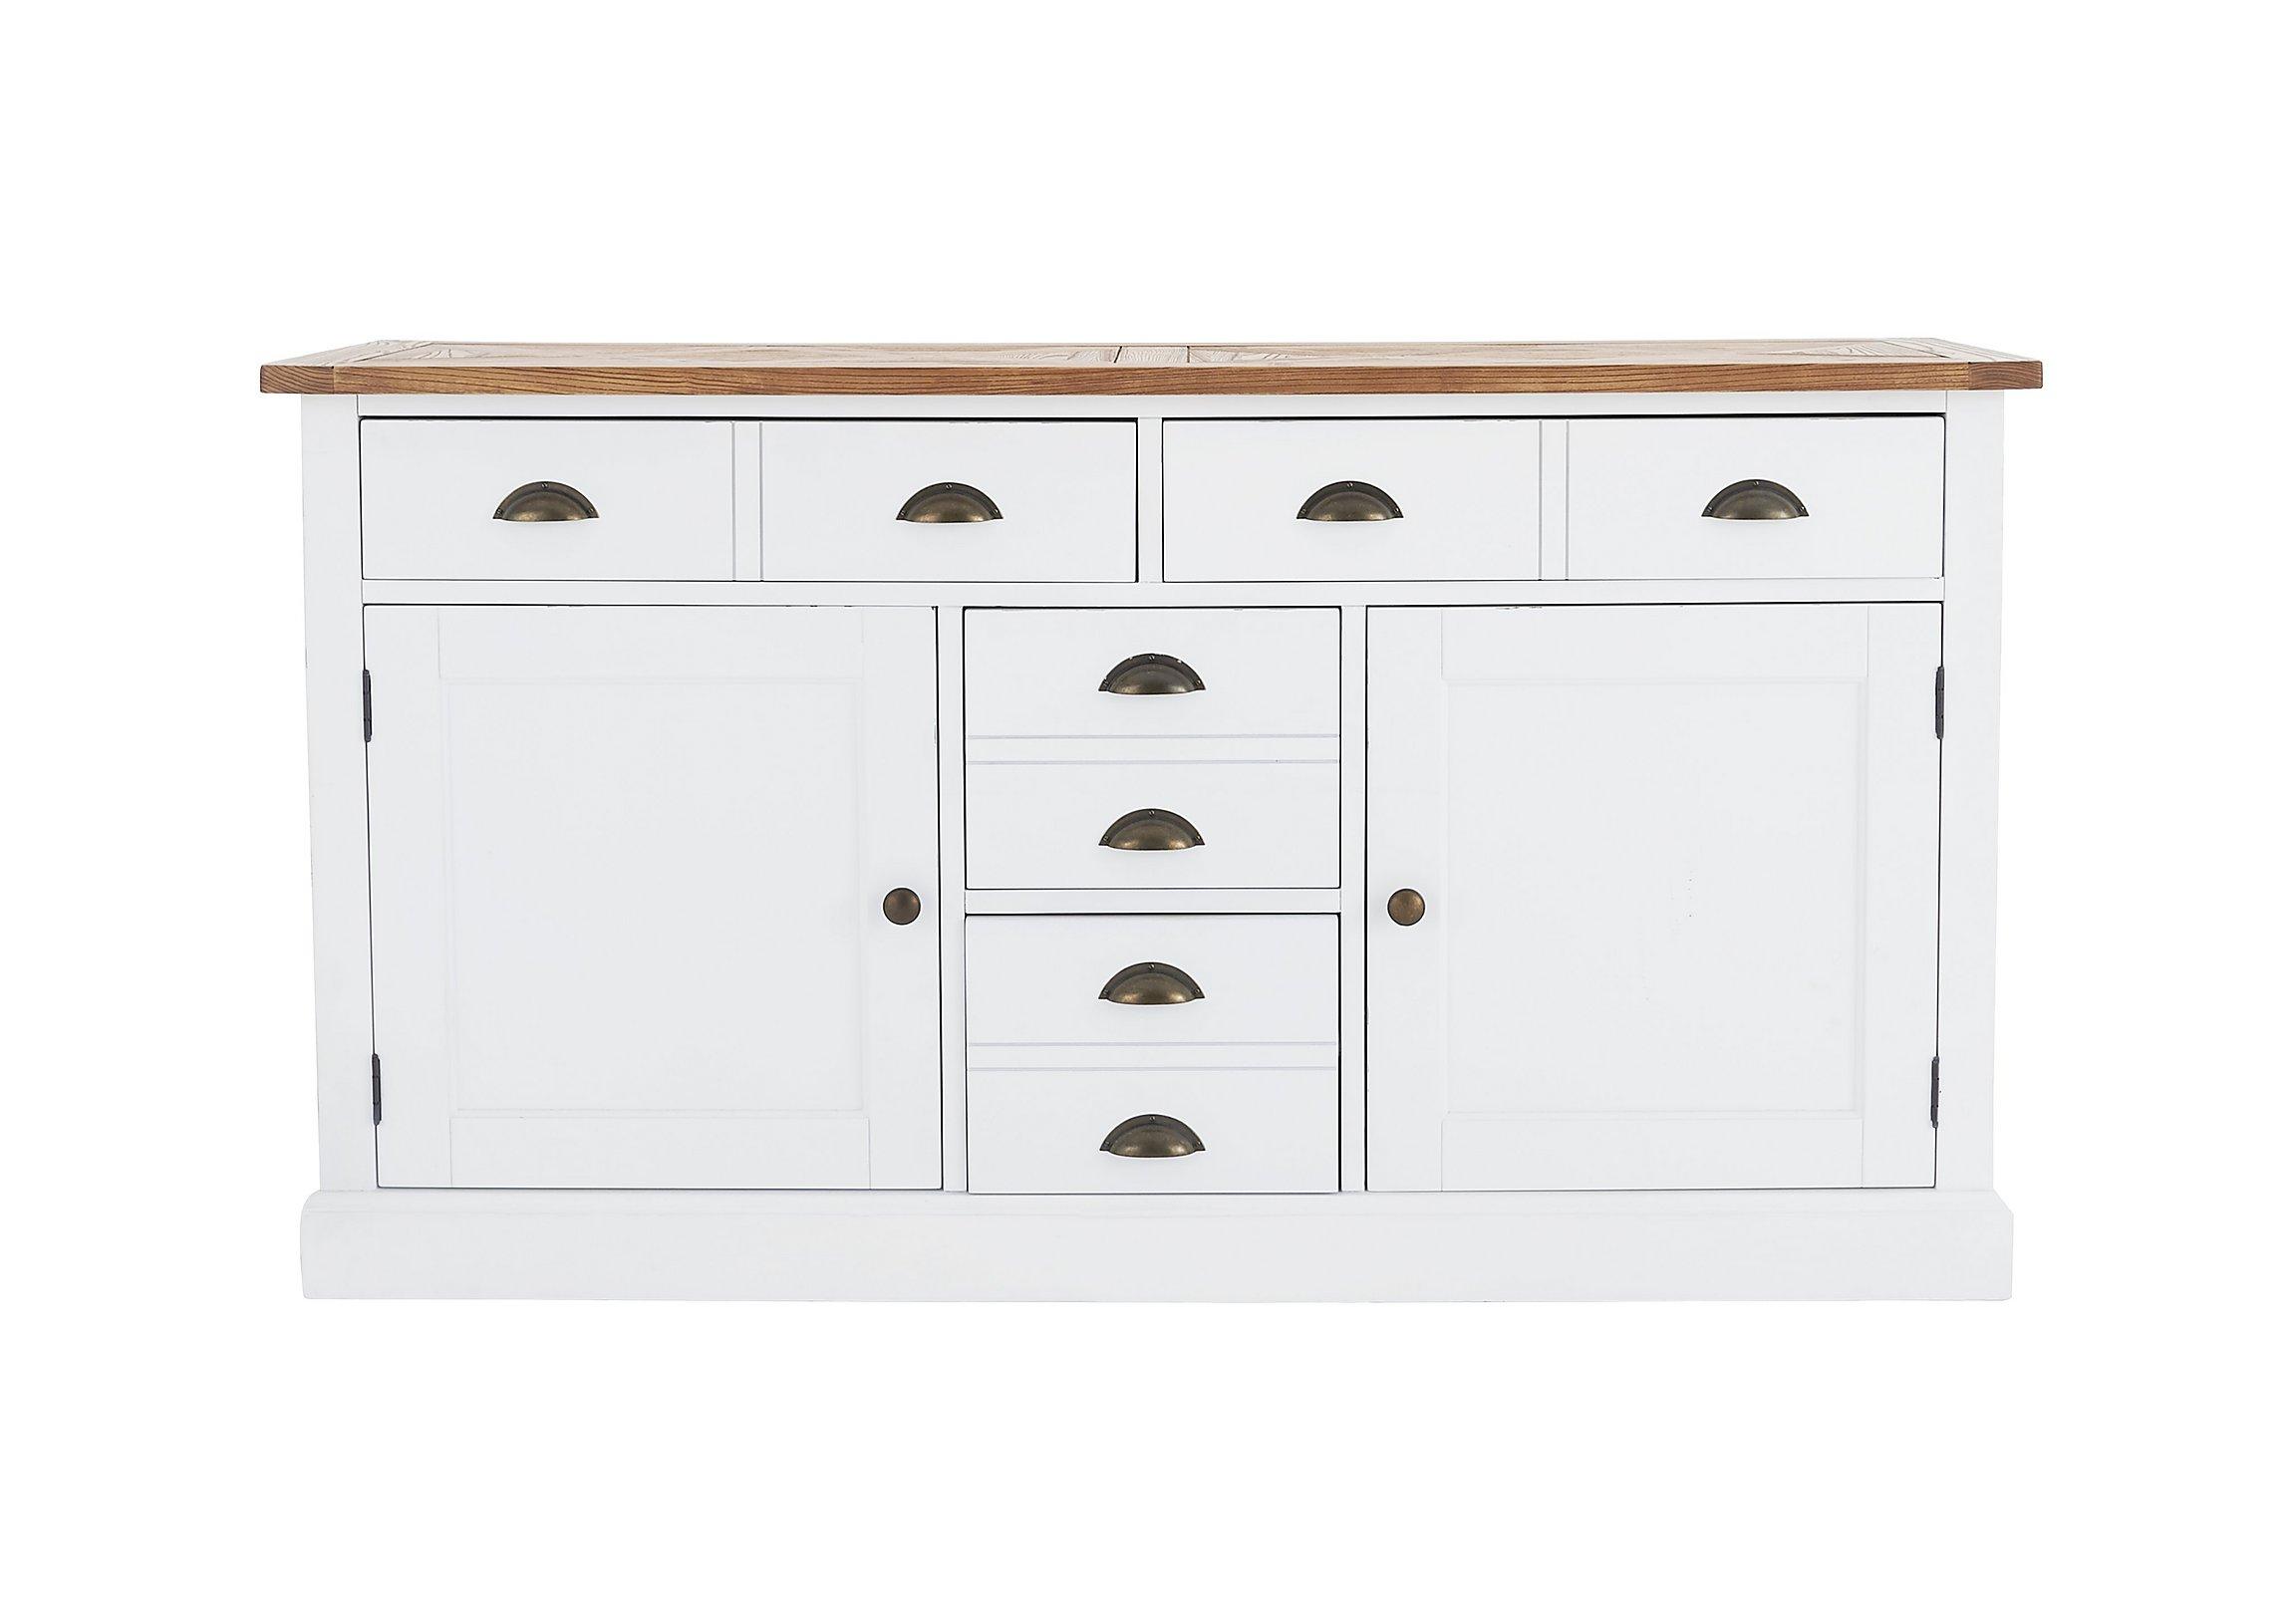 parquet sideboard  furnitureland  furniture village - furnitureland parquet sideboard